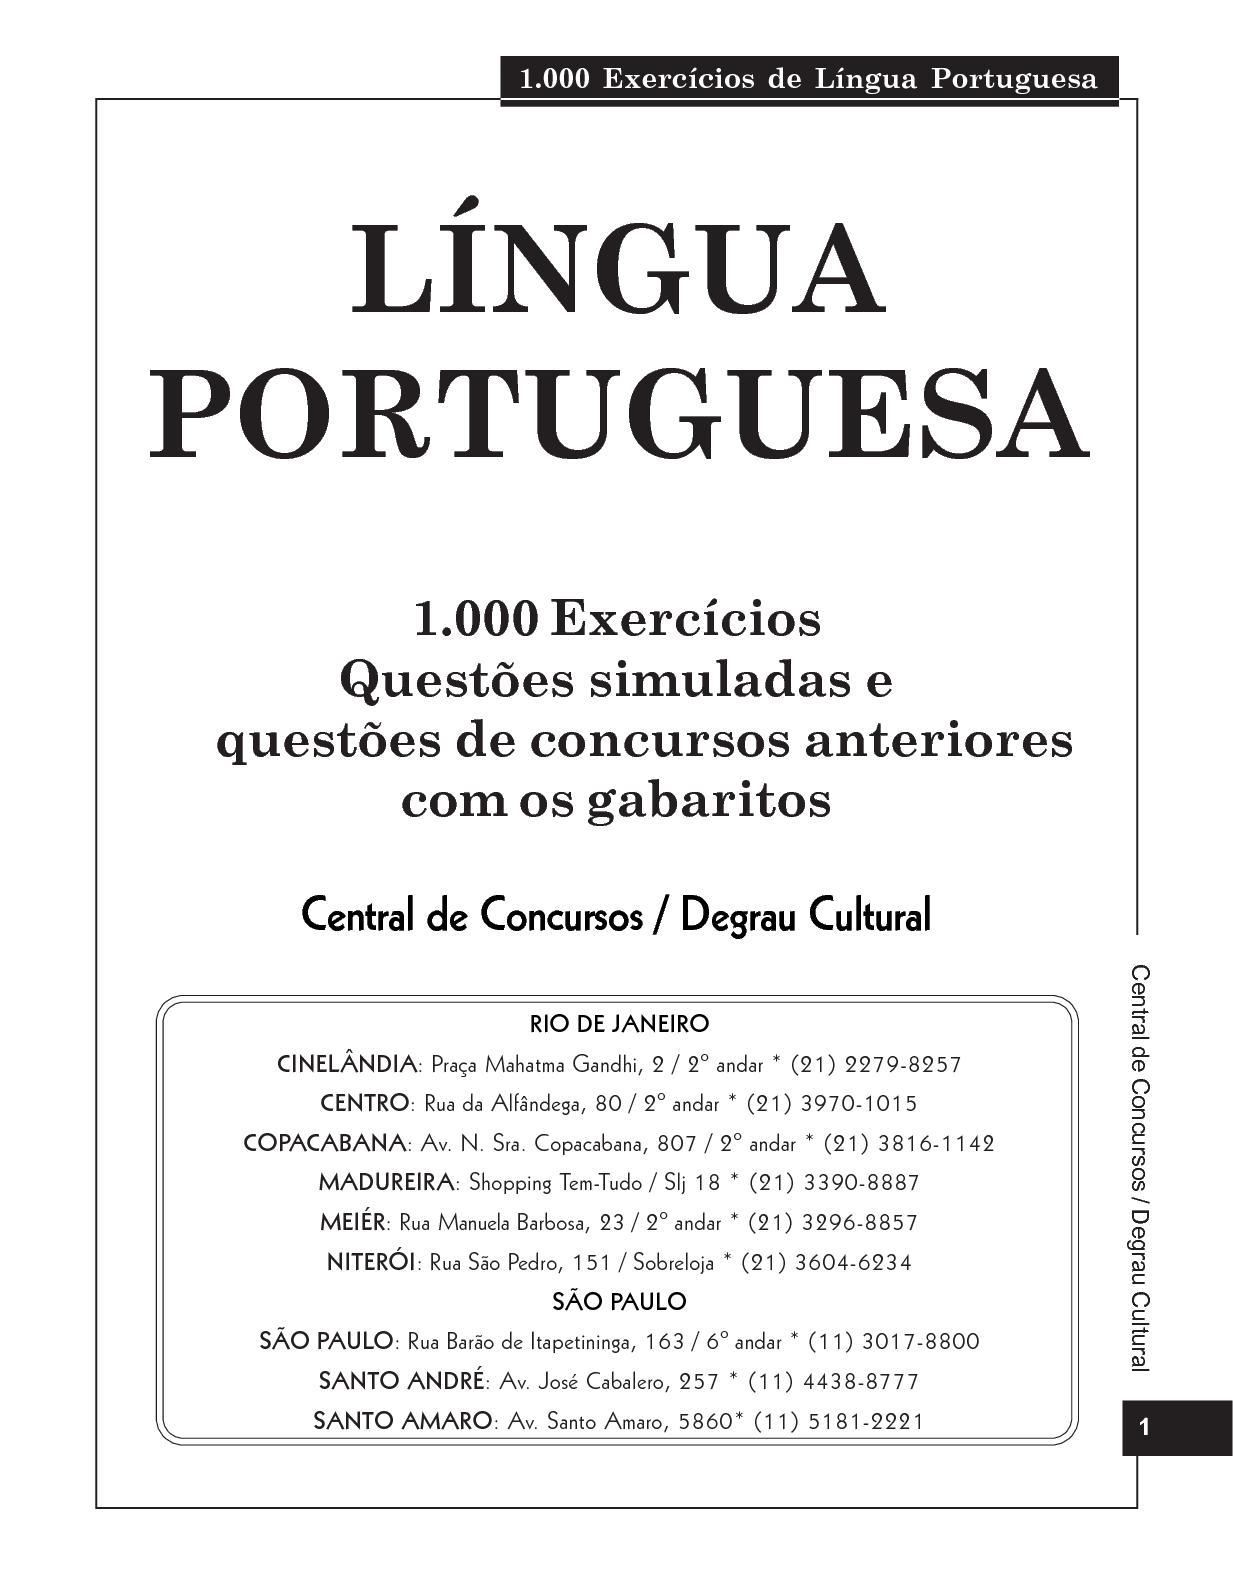 Calaméo - 1 000 Exercícios De Língua Portuguesa 1 ffb72d6efa